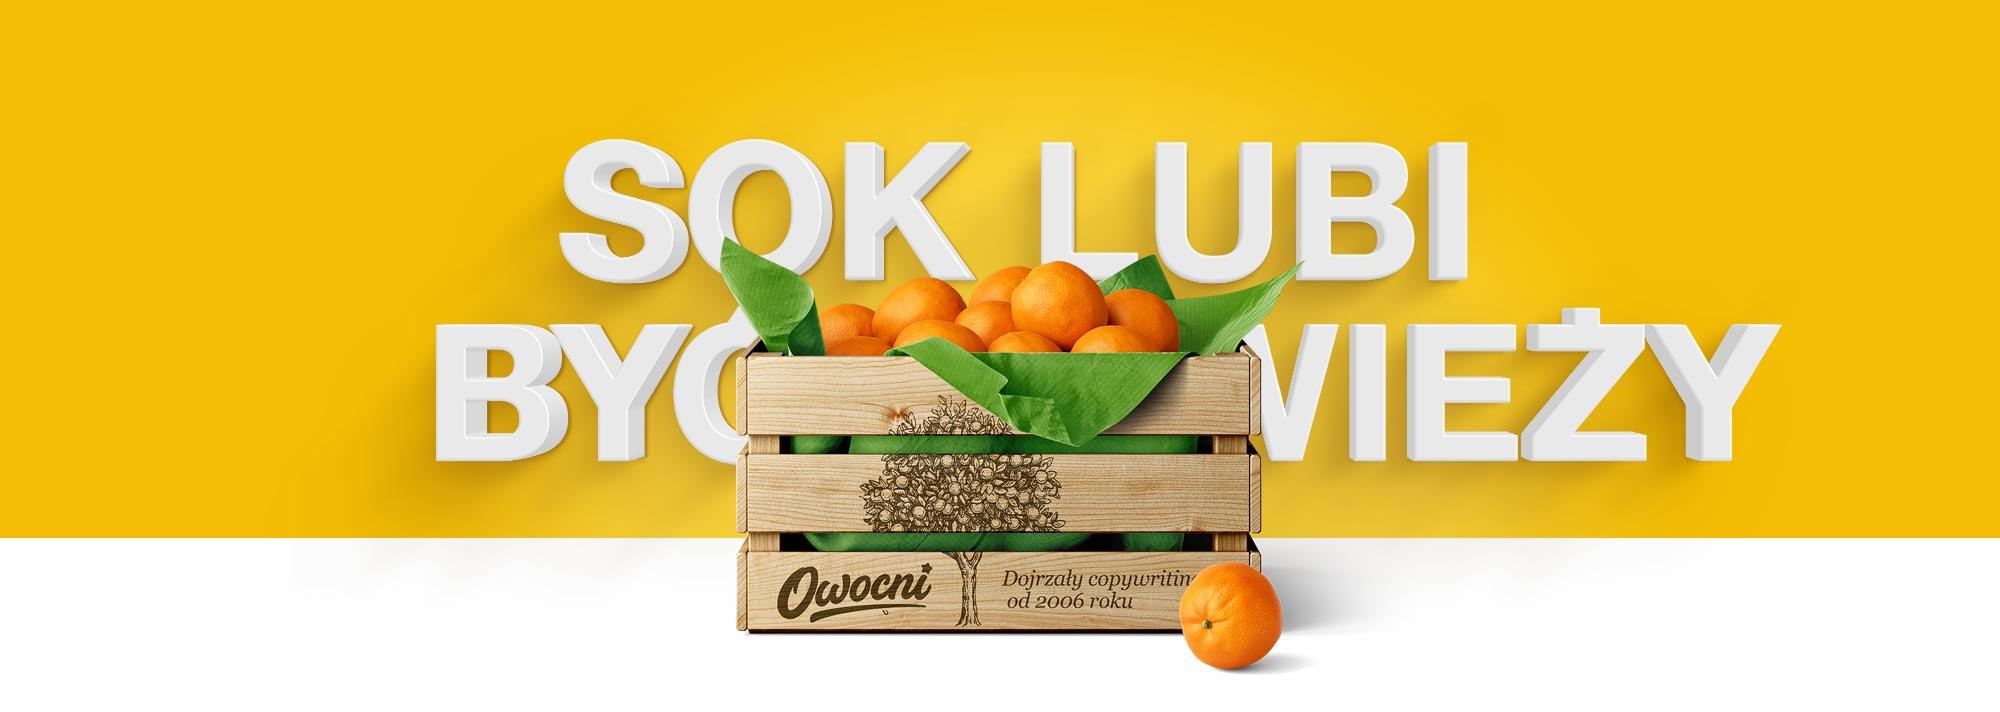 Hasło reklamowe Hurum, które przyciągnie potencjalnych klientów